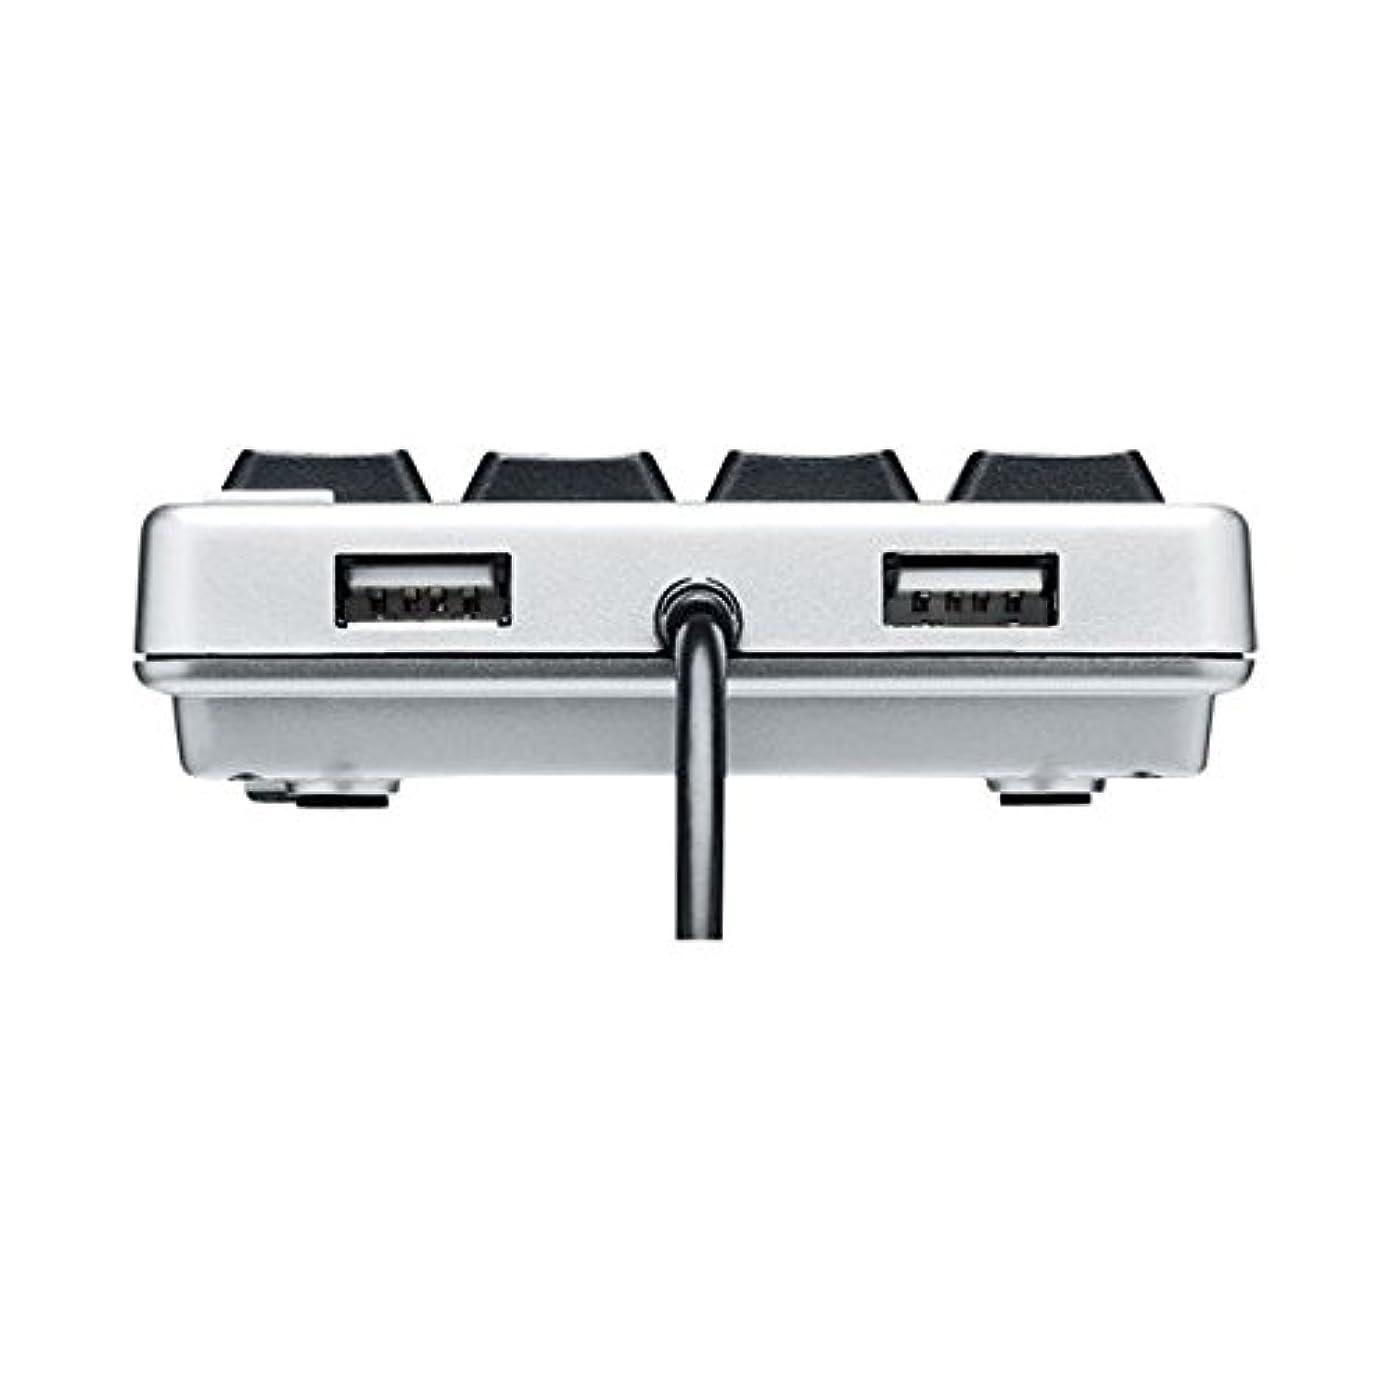 ジャケットニンニクに対応サンワサプライ USB2.0テンキーNT17UH2PKN ds-1826679